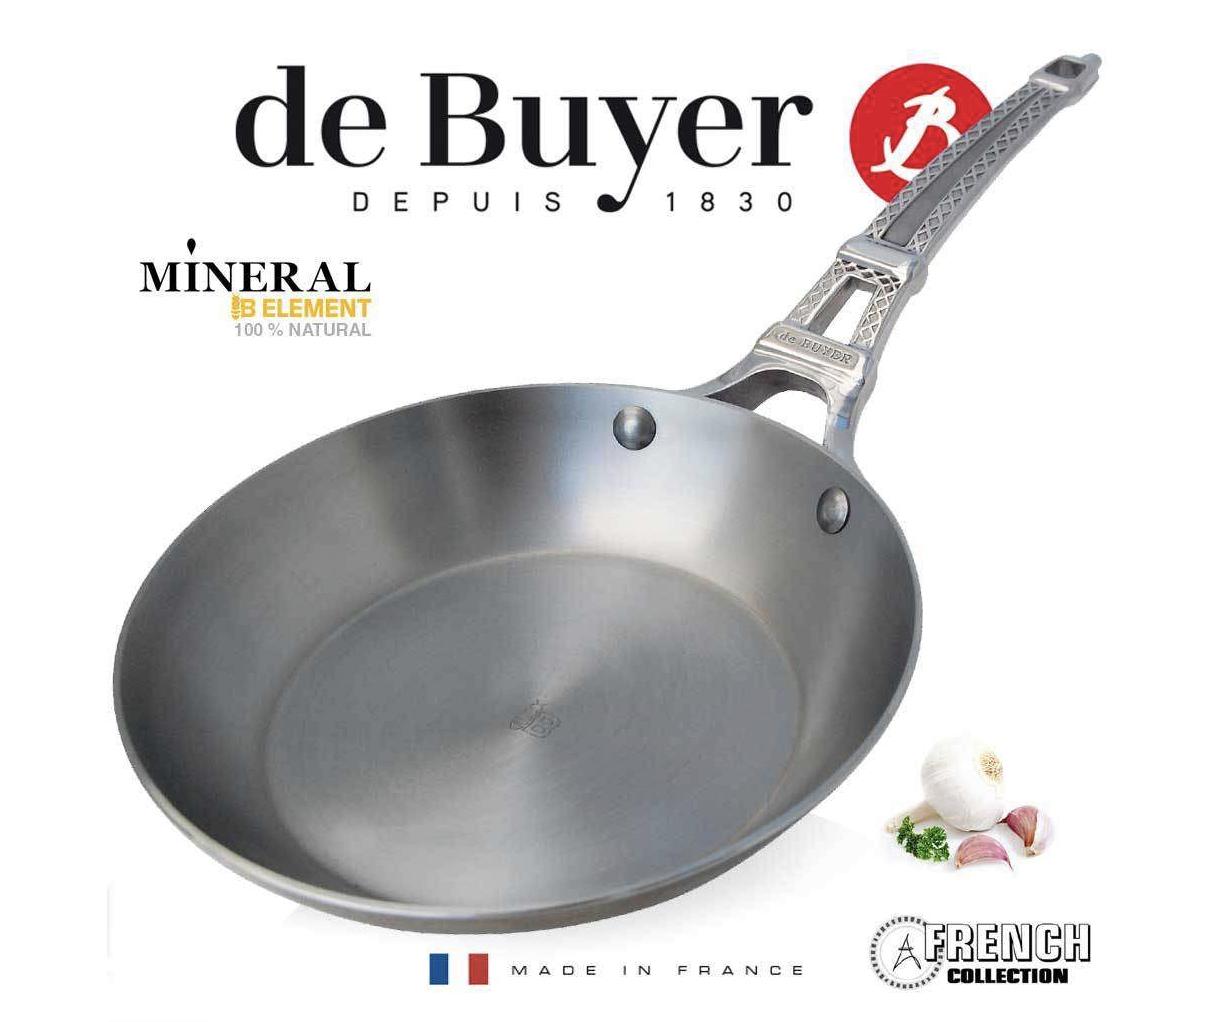 DeBuyer 5670.24 Eisen Bratpfanne / French Collection - Mineral B / amazon Italien